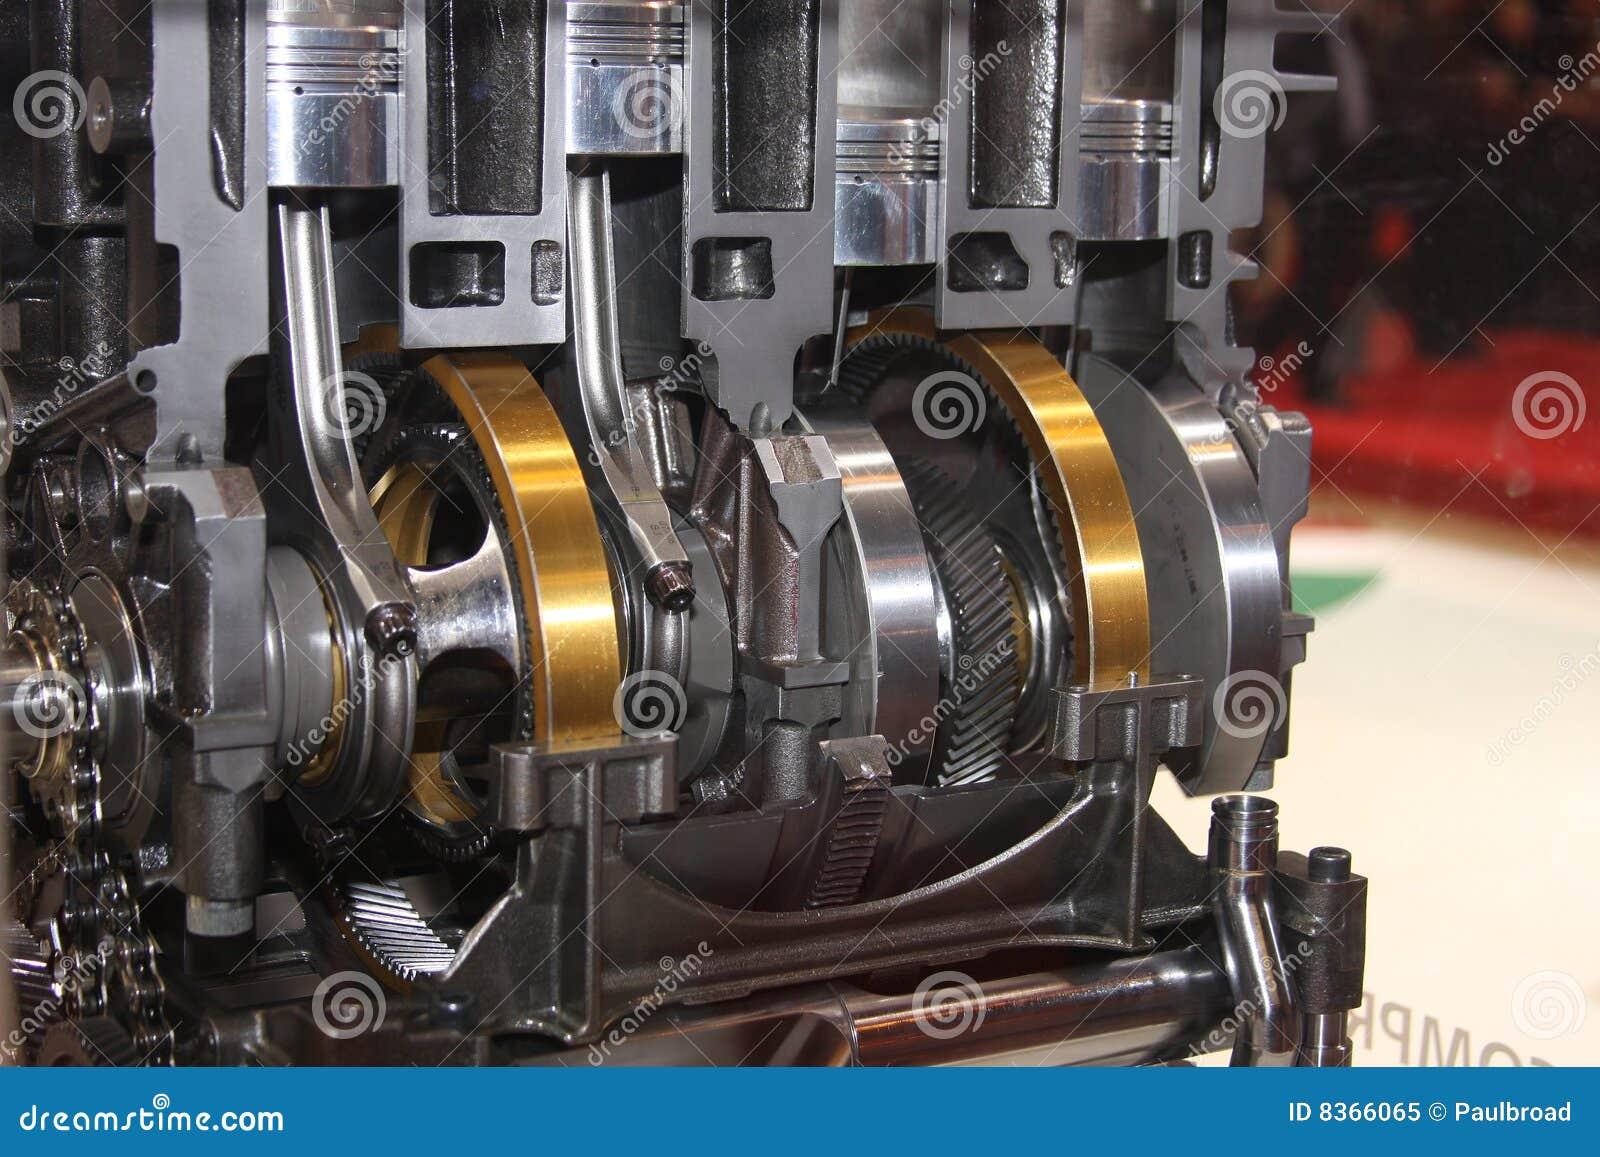 Cutaway Der Kurbel Und Kolben Im Motor Stockbild Bild